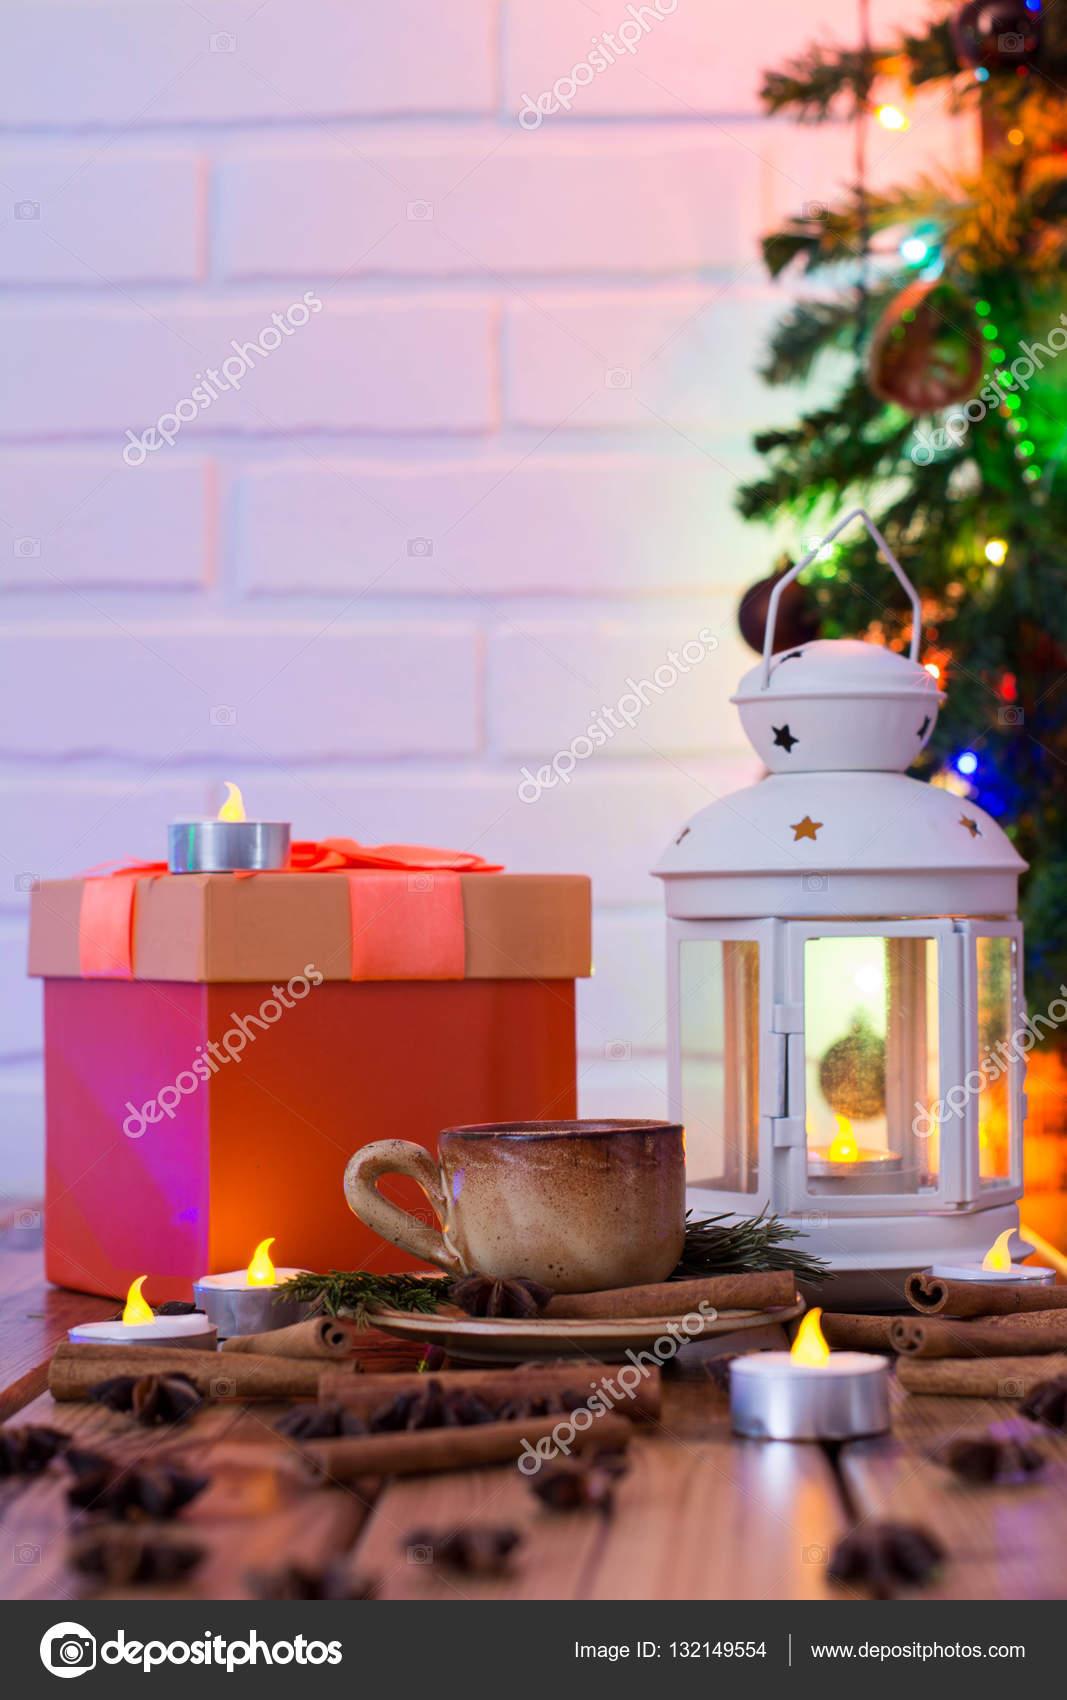 Weihnachtsschmuck mit Tasse Kaffee, orange Geschenk-Box, Lampe mit ...